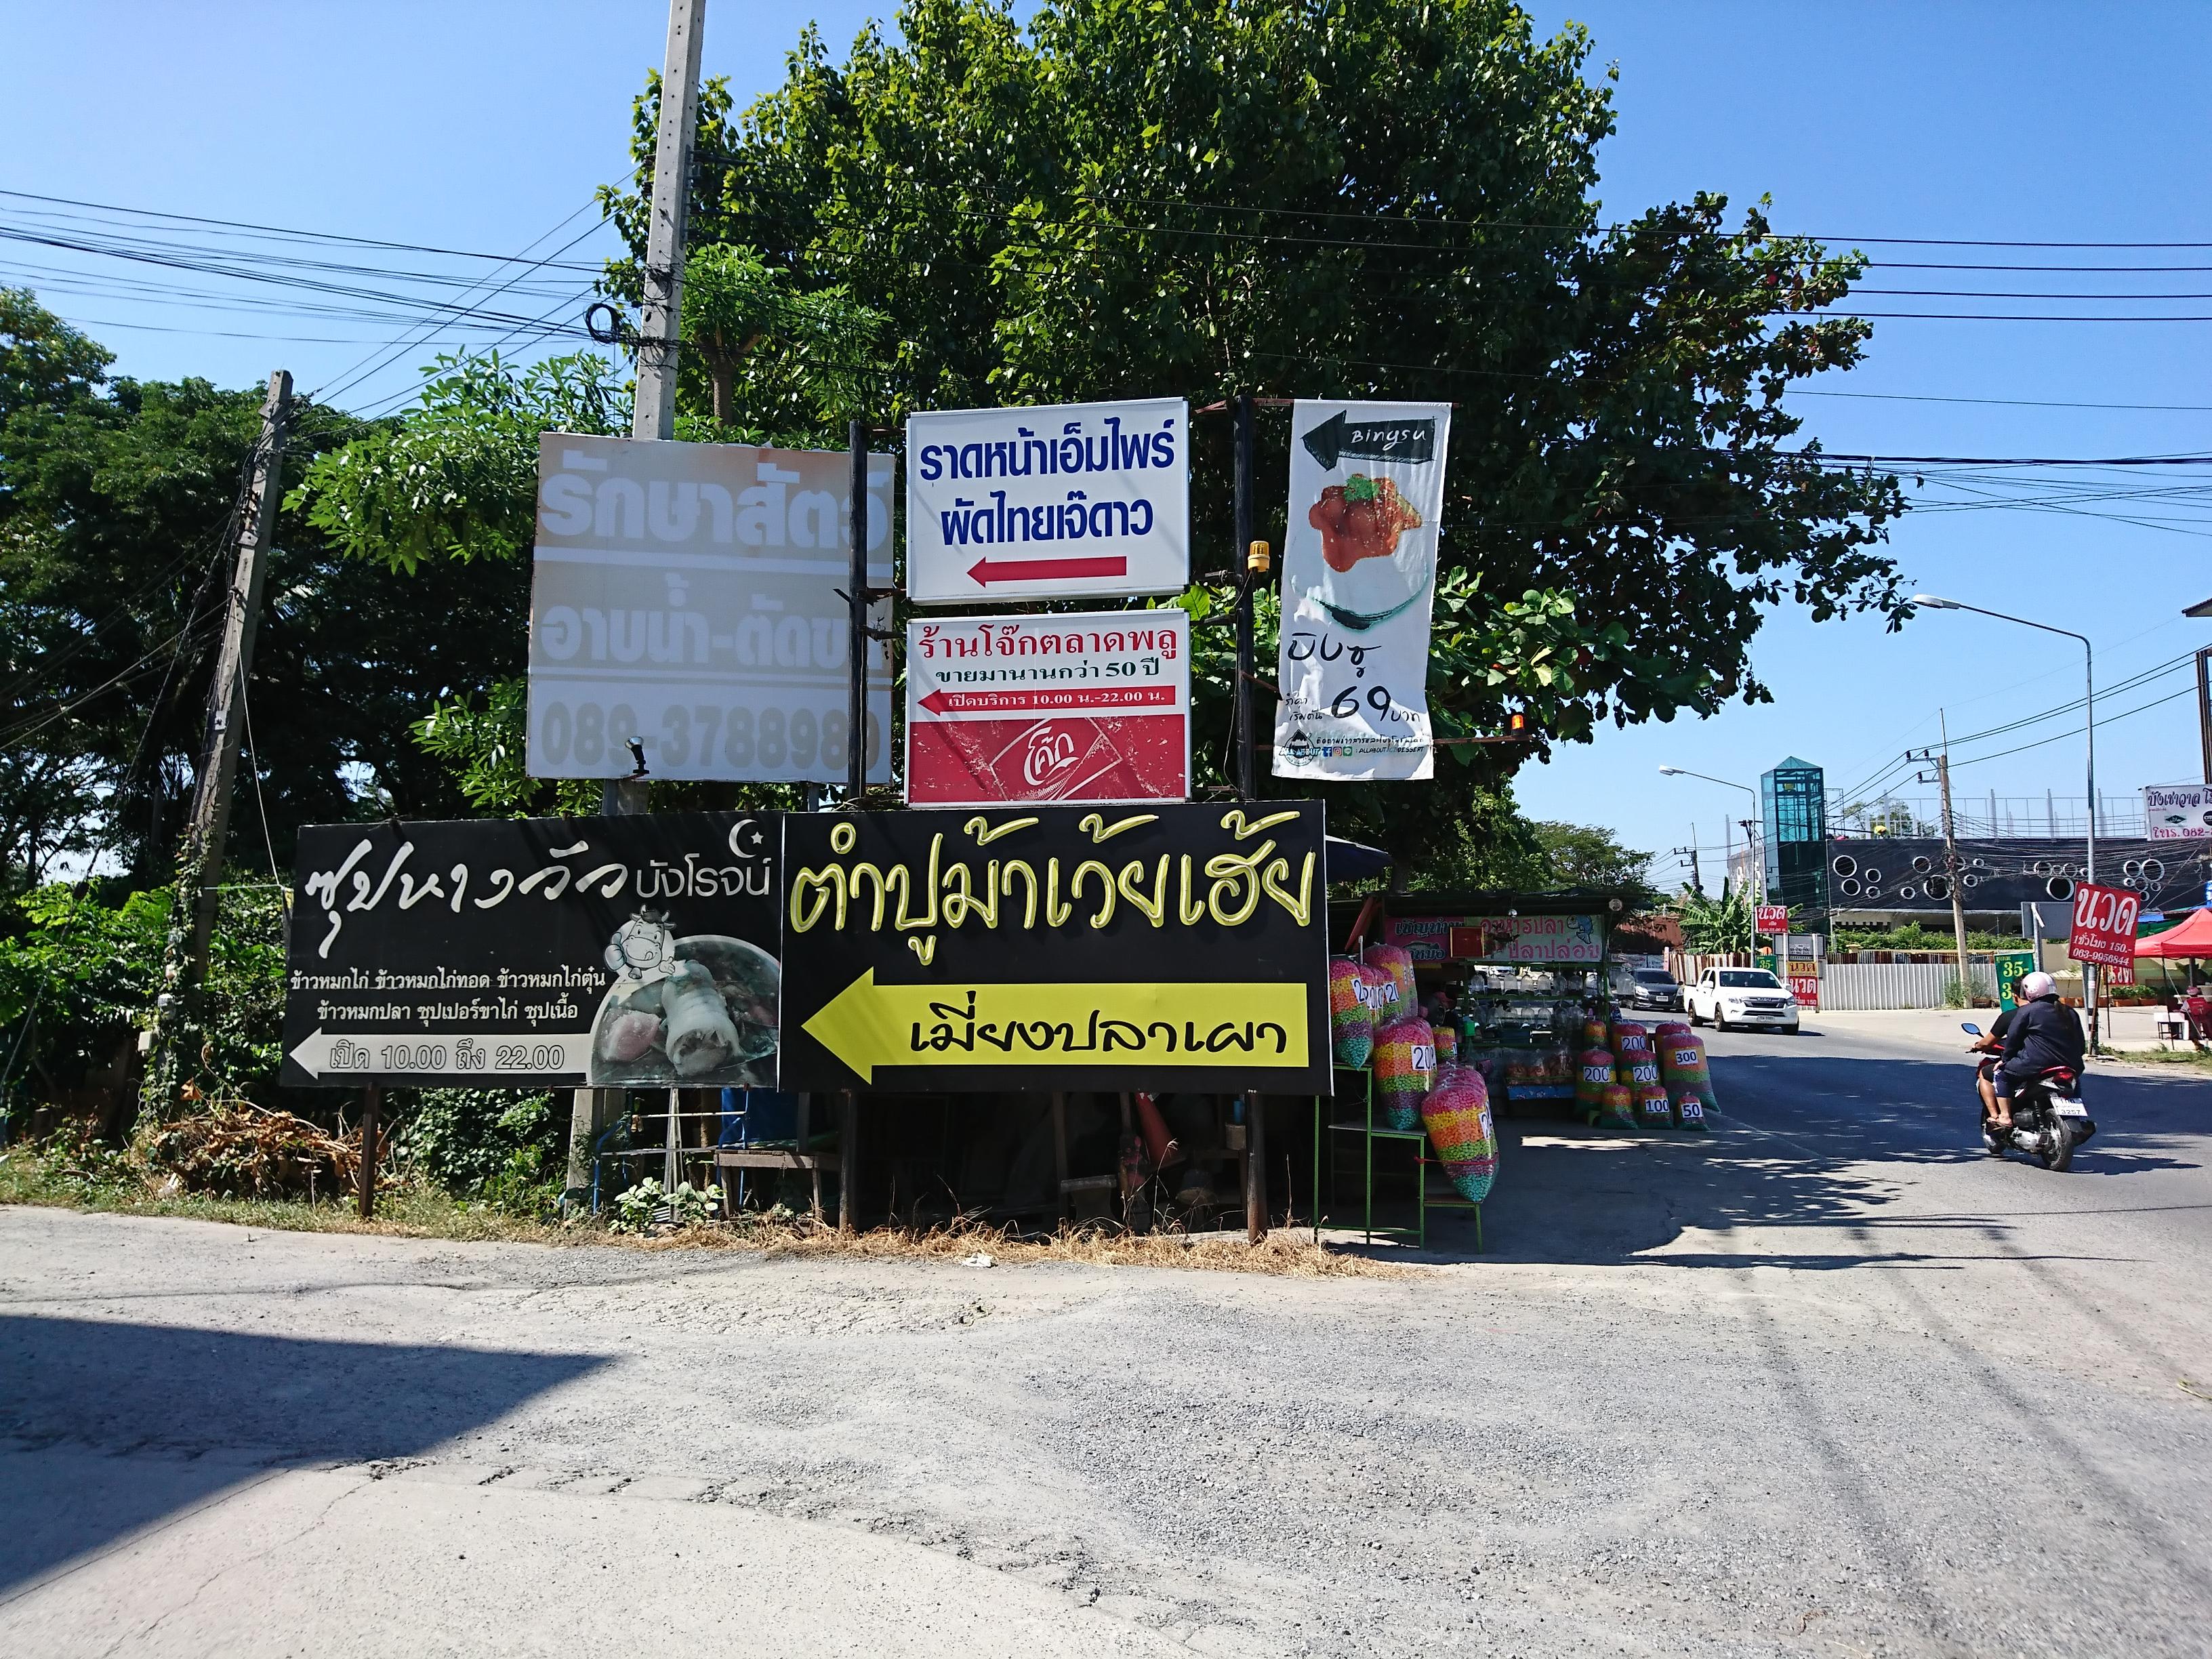 アユタヤの観光地に近く、便利な場所にあるタイ料理屋「ジョックタラートプー」